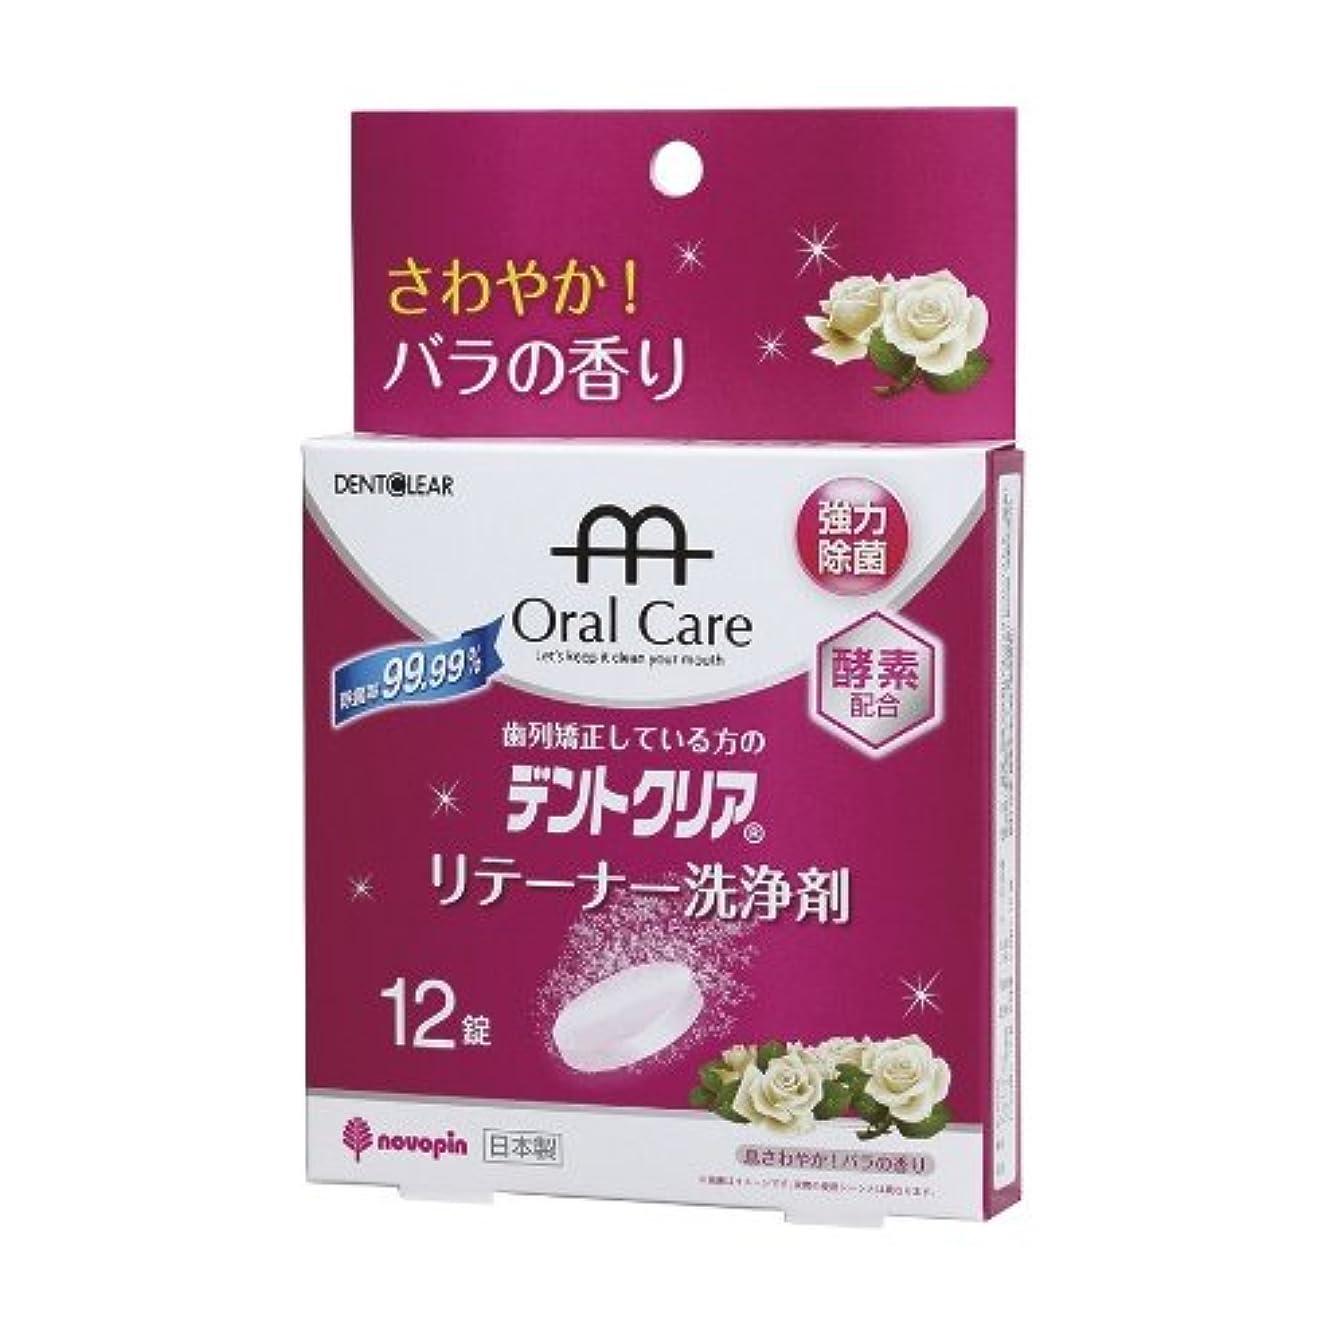 明確に吸う櫛紀陽除虫菊 歯列矯正している方のデントクリア リテーナー 洗浄剤 バラの香り 12錠